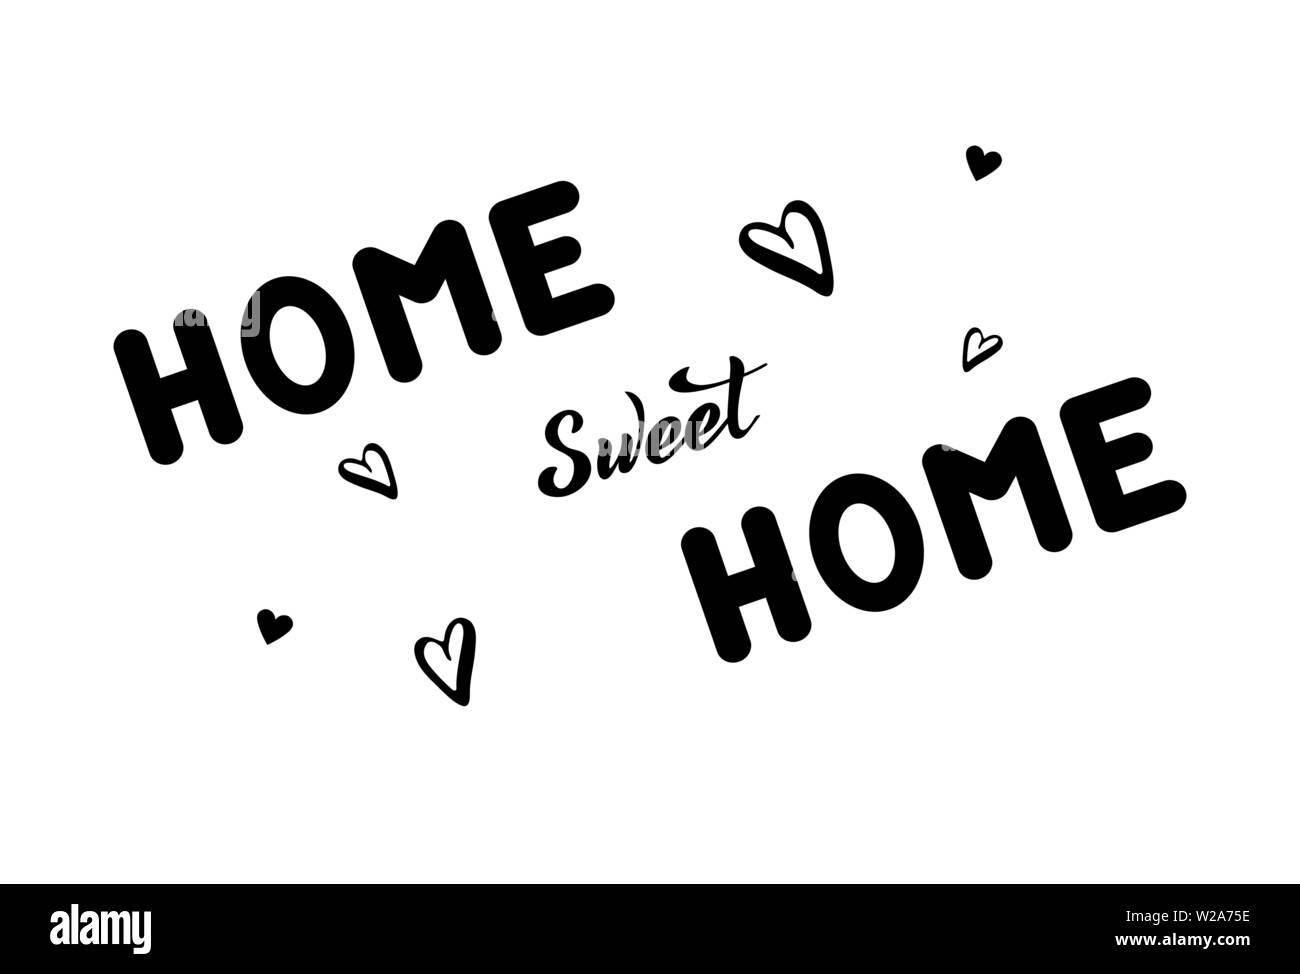 Ilustración Vectorial Con Frase Manuscrita Home Sweet Home